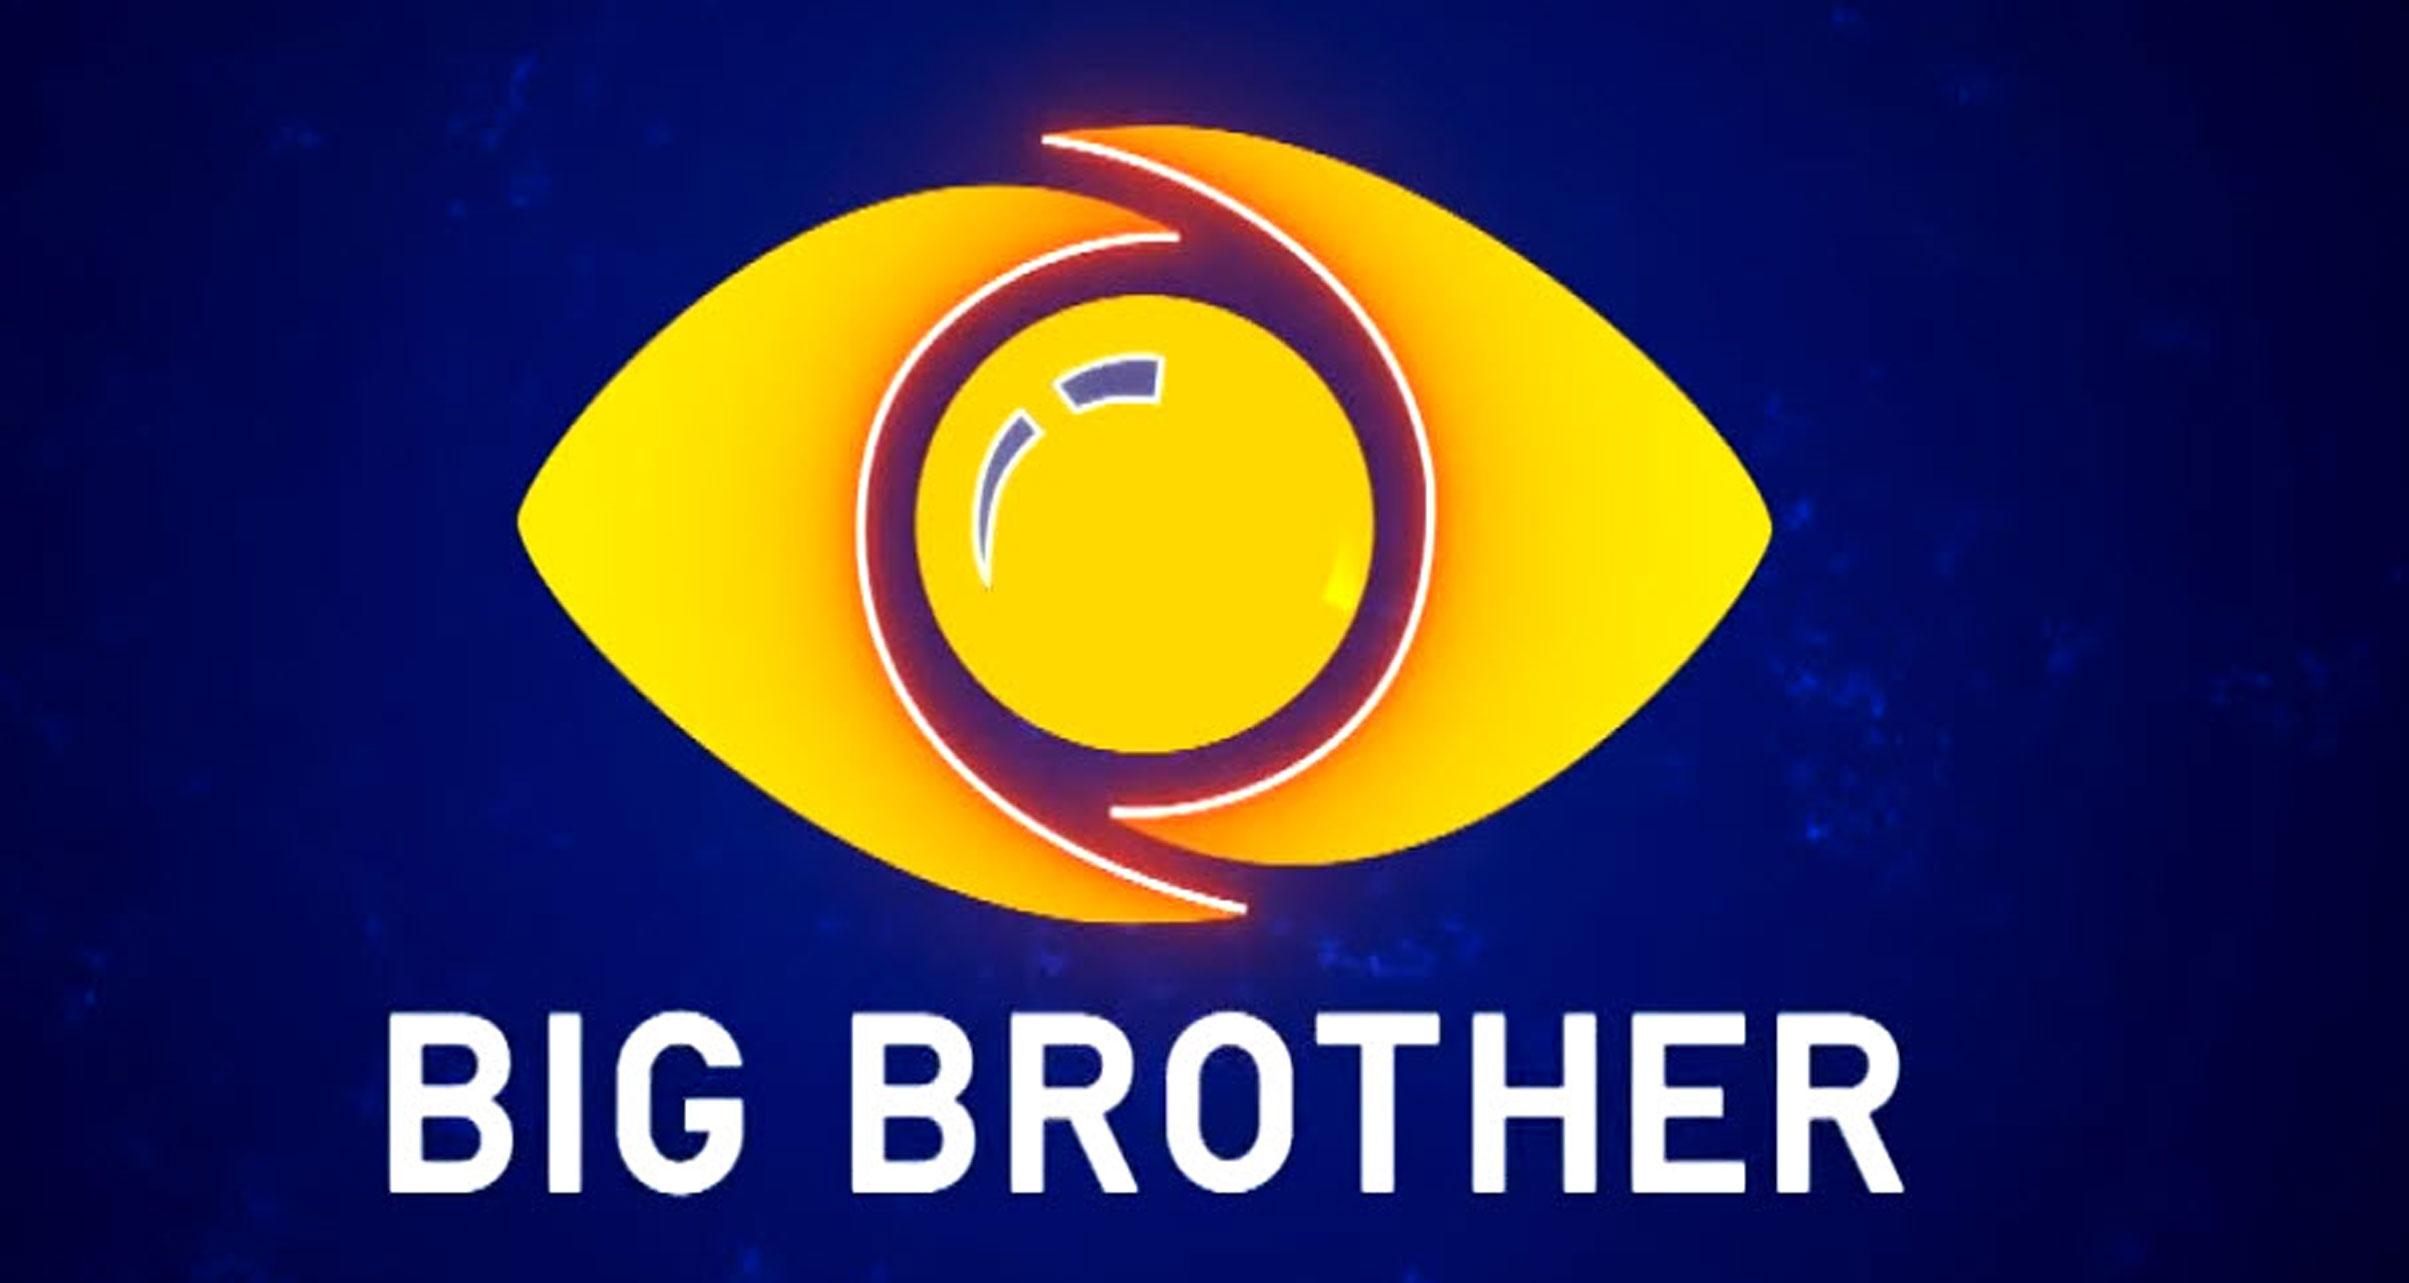 Τρέχει ο «Μεγάλος Αδερφός»